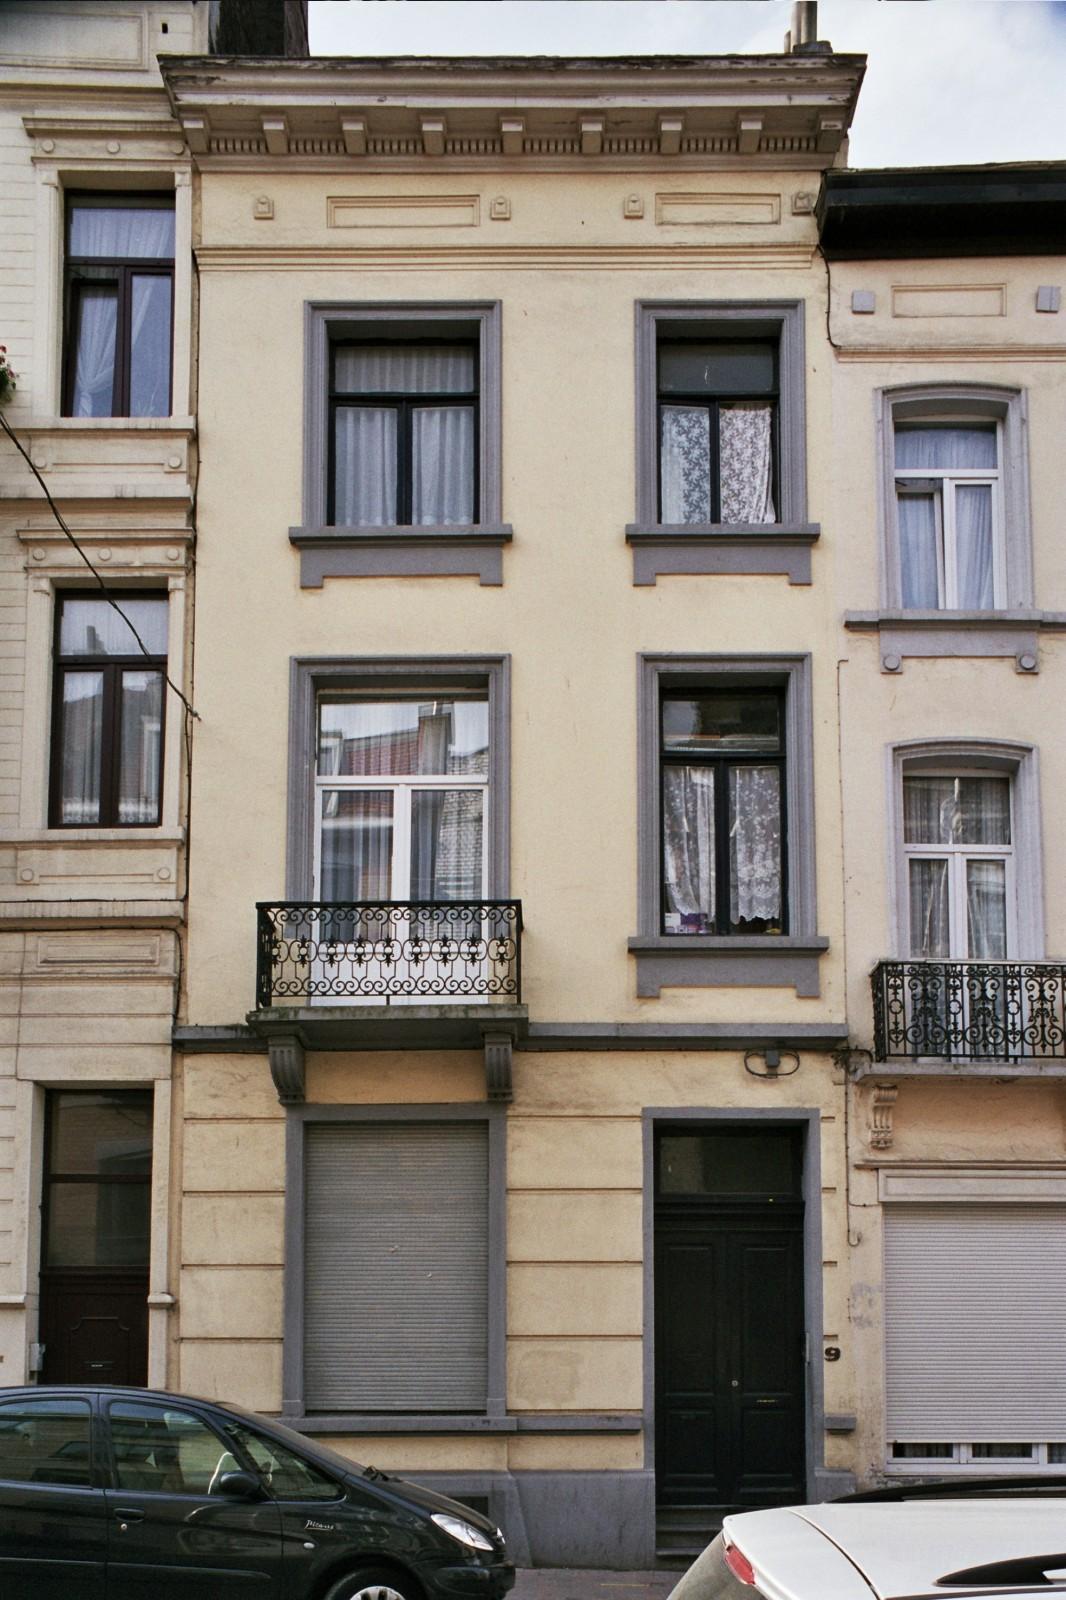 Rue Coenraets 9., 2004